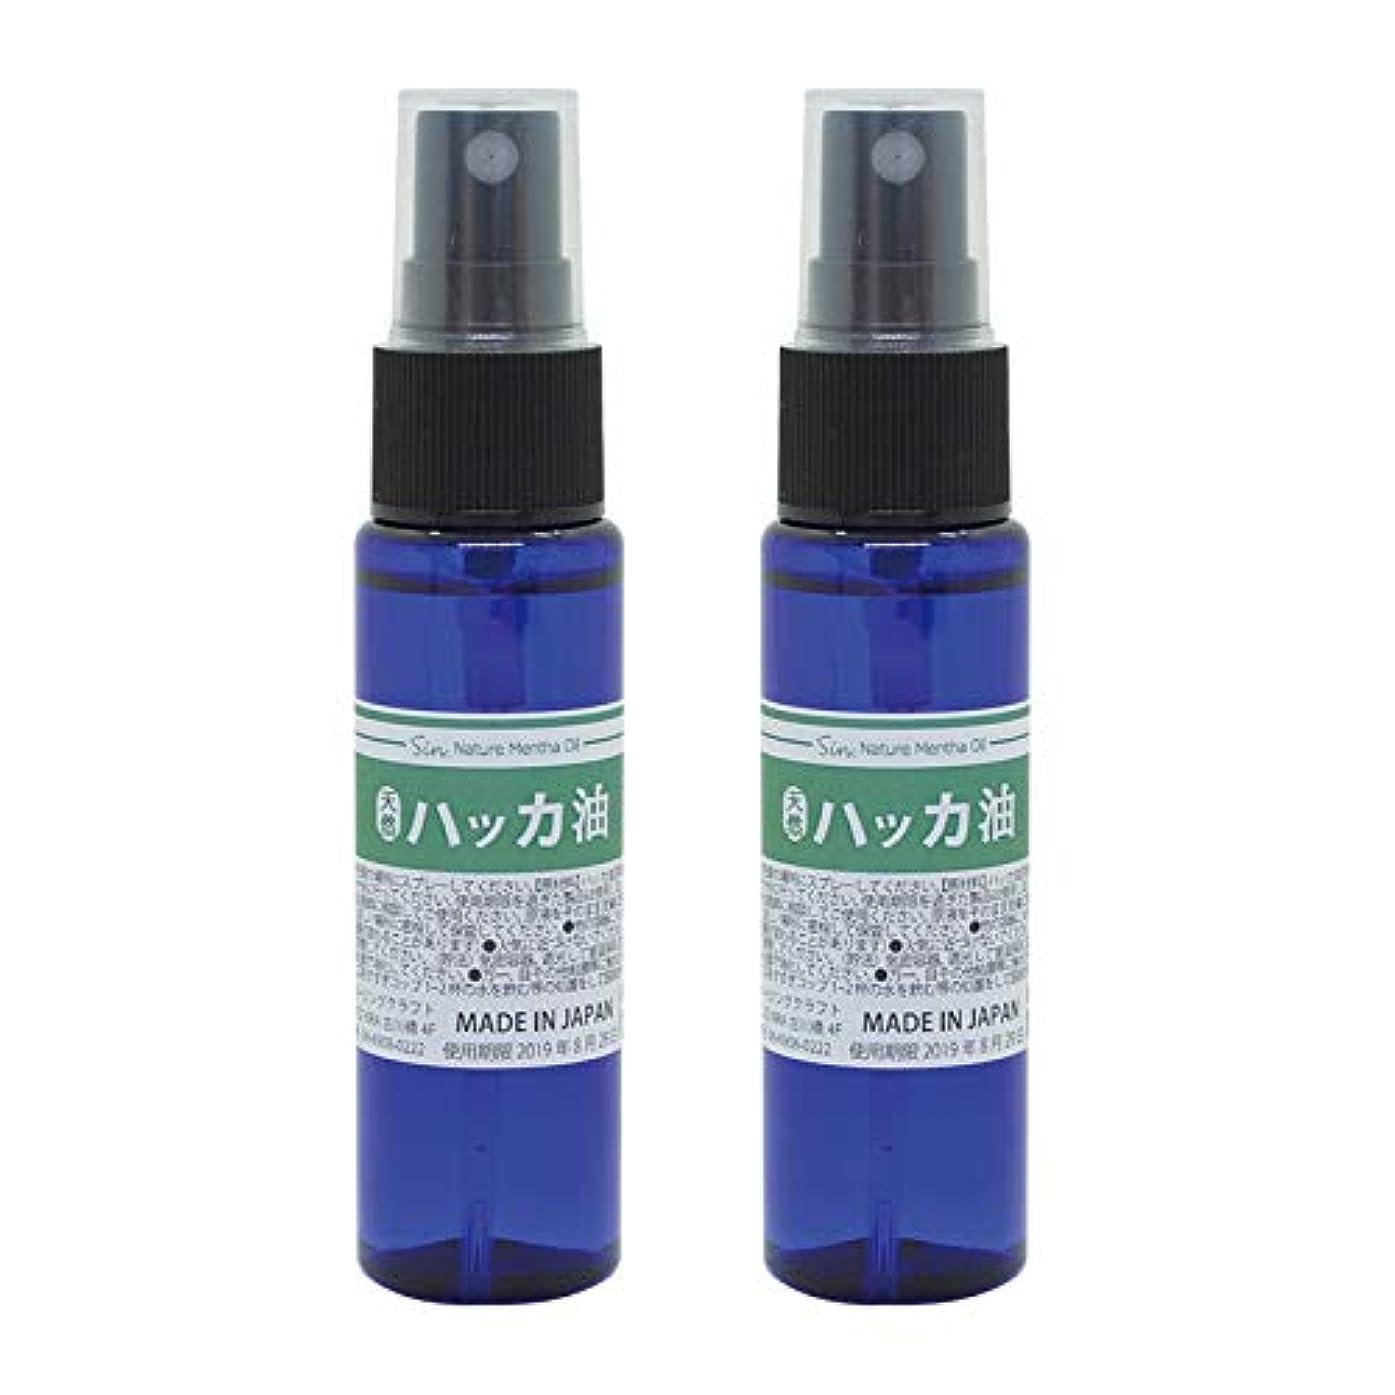 匿名葉巻メディア日本製 天然ハッカ油(ハッカオイル) スプレー 30mL×2本